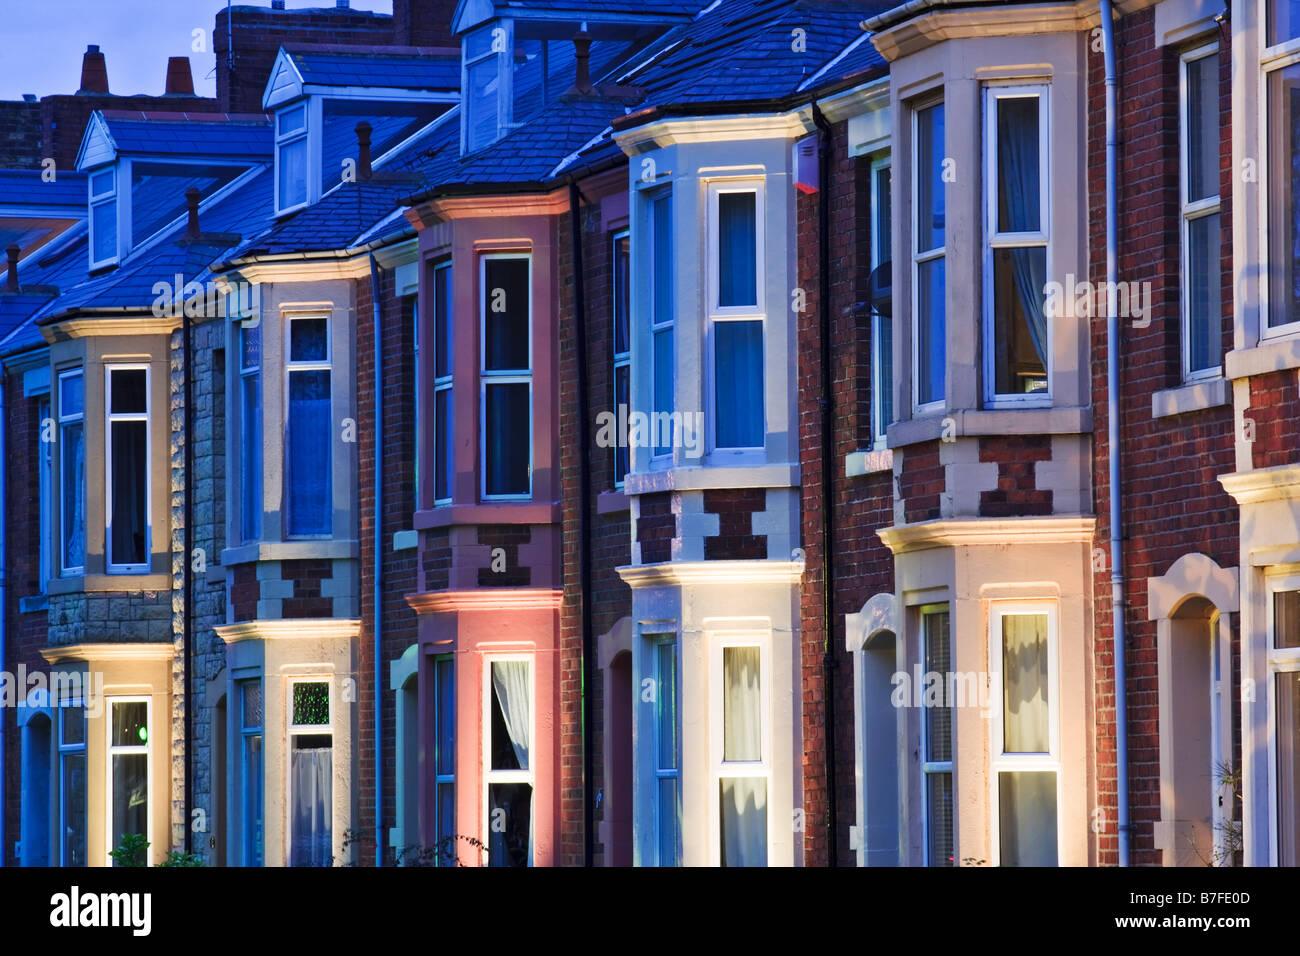 Vivienda adosada en el estilo de los años 1930 en Belgrave Crescent frente Ridley Park en Blyth Imagen De Stock